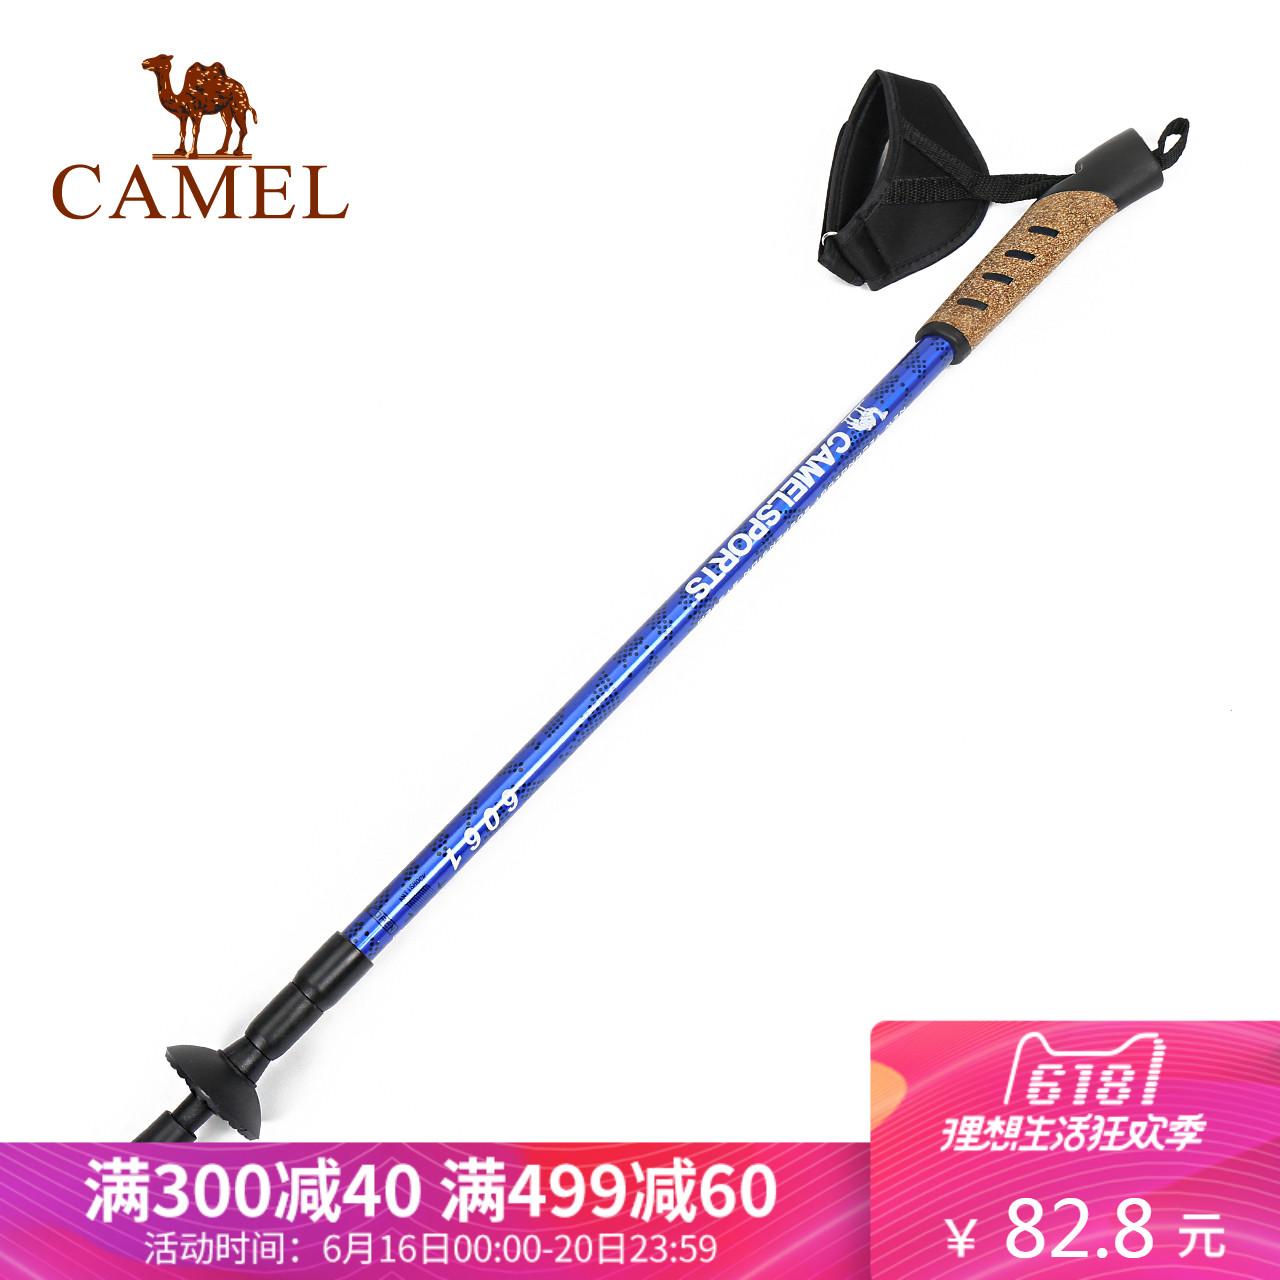 CAMEL骆驼户外登山杖 可伸缩碳素超轻缓震旅行徒步直柄登山手杖